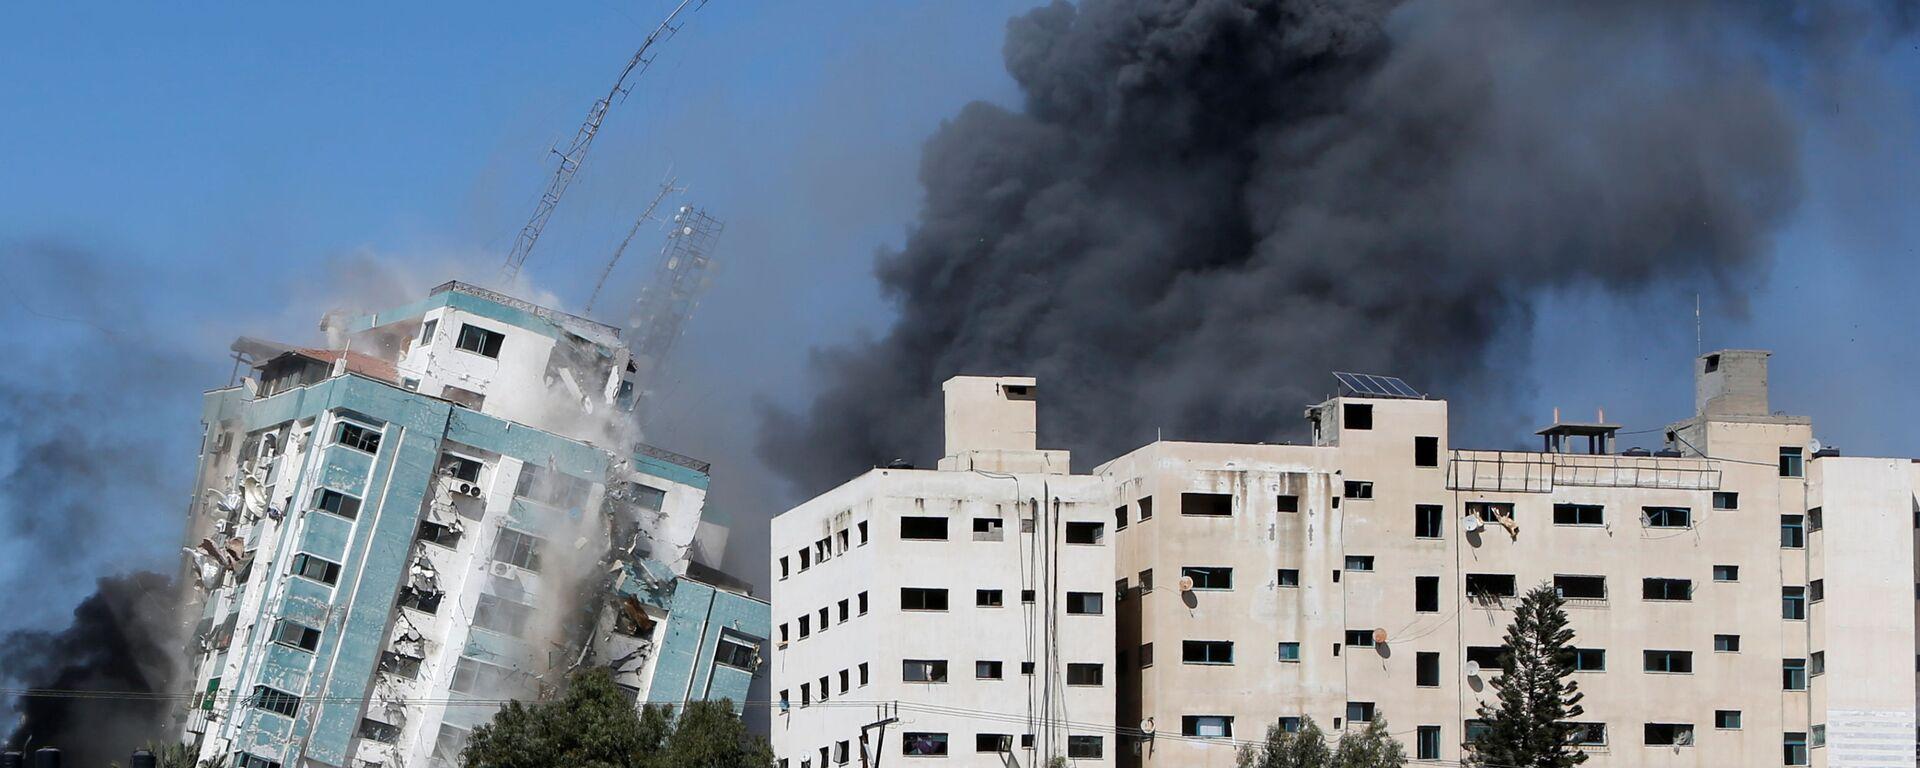 Izraelský útok na Pásmo Gazy zničil budovu s kancelářemi mezinárodních médií - Sputnik Česká republika, 1920, 15.05.2021